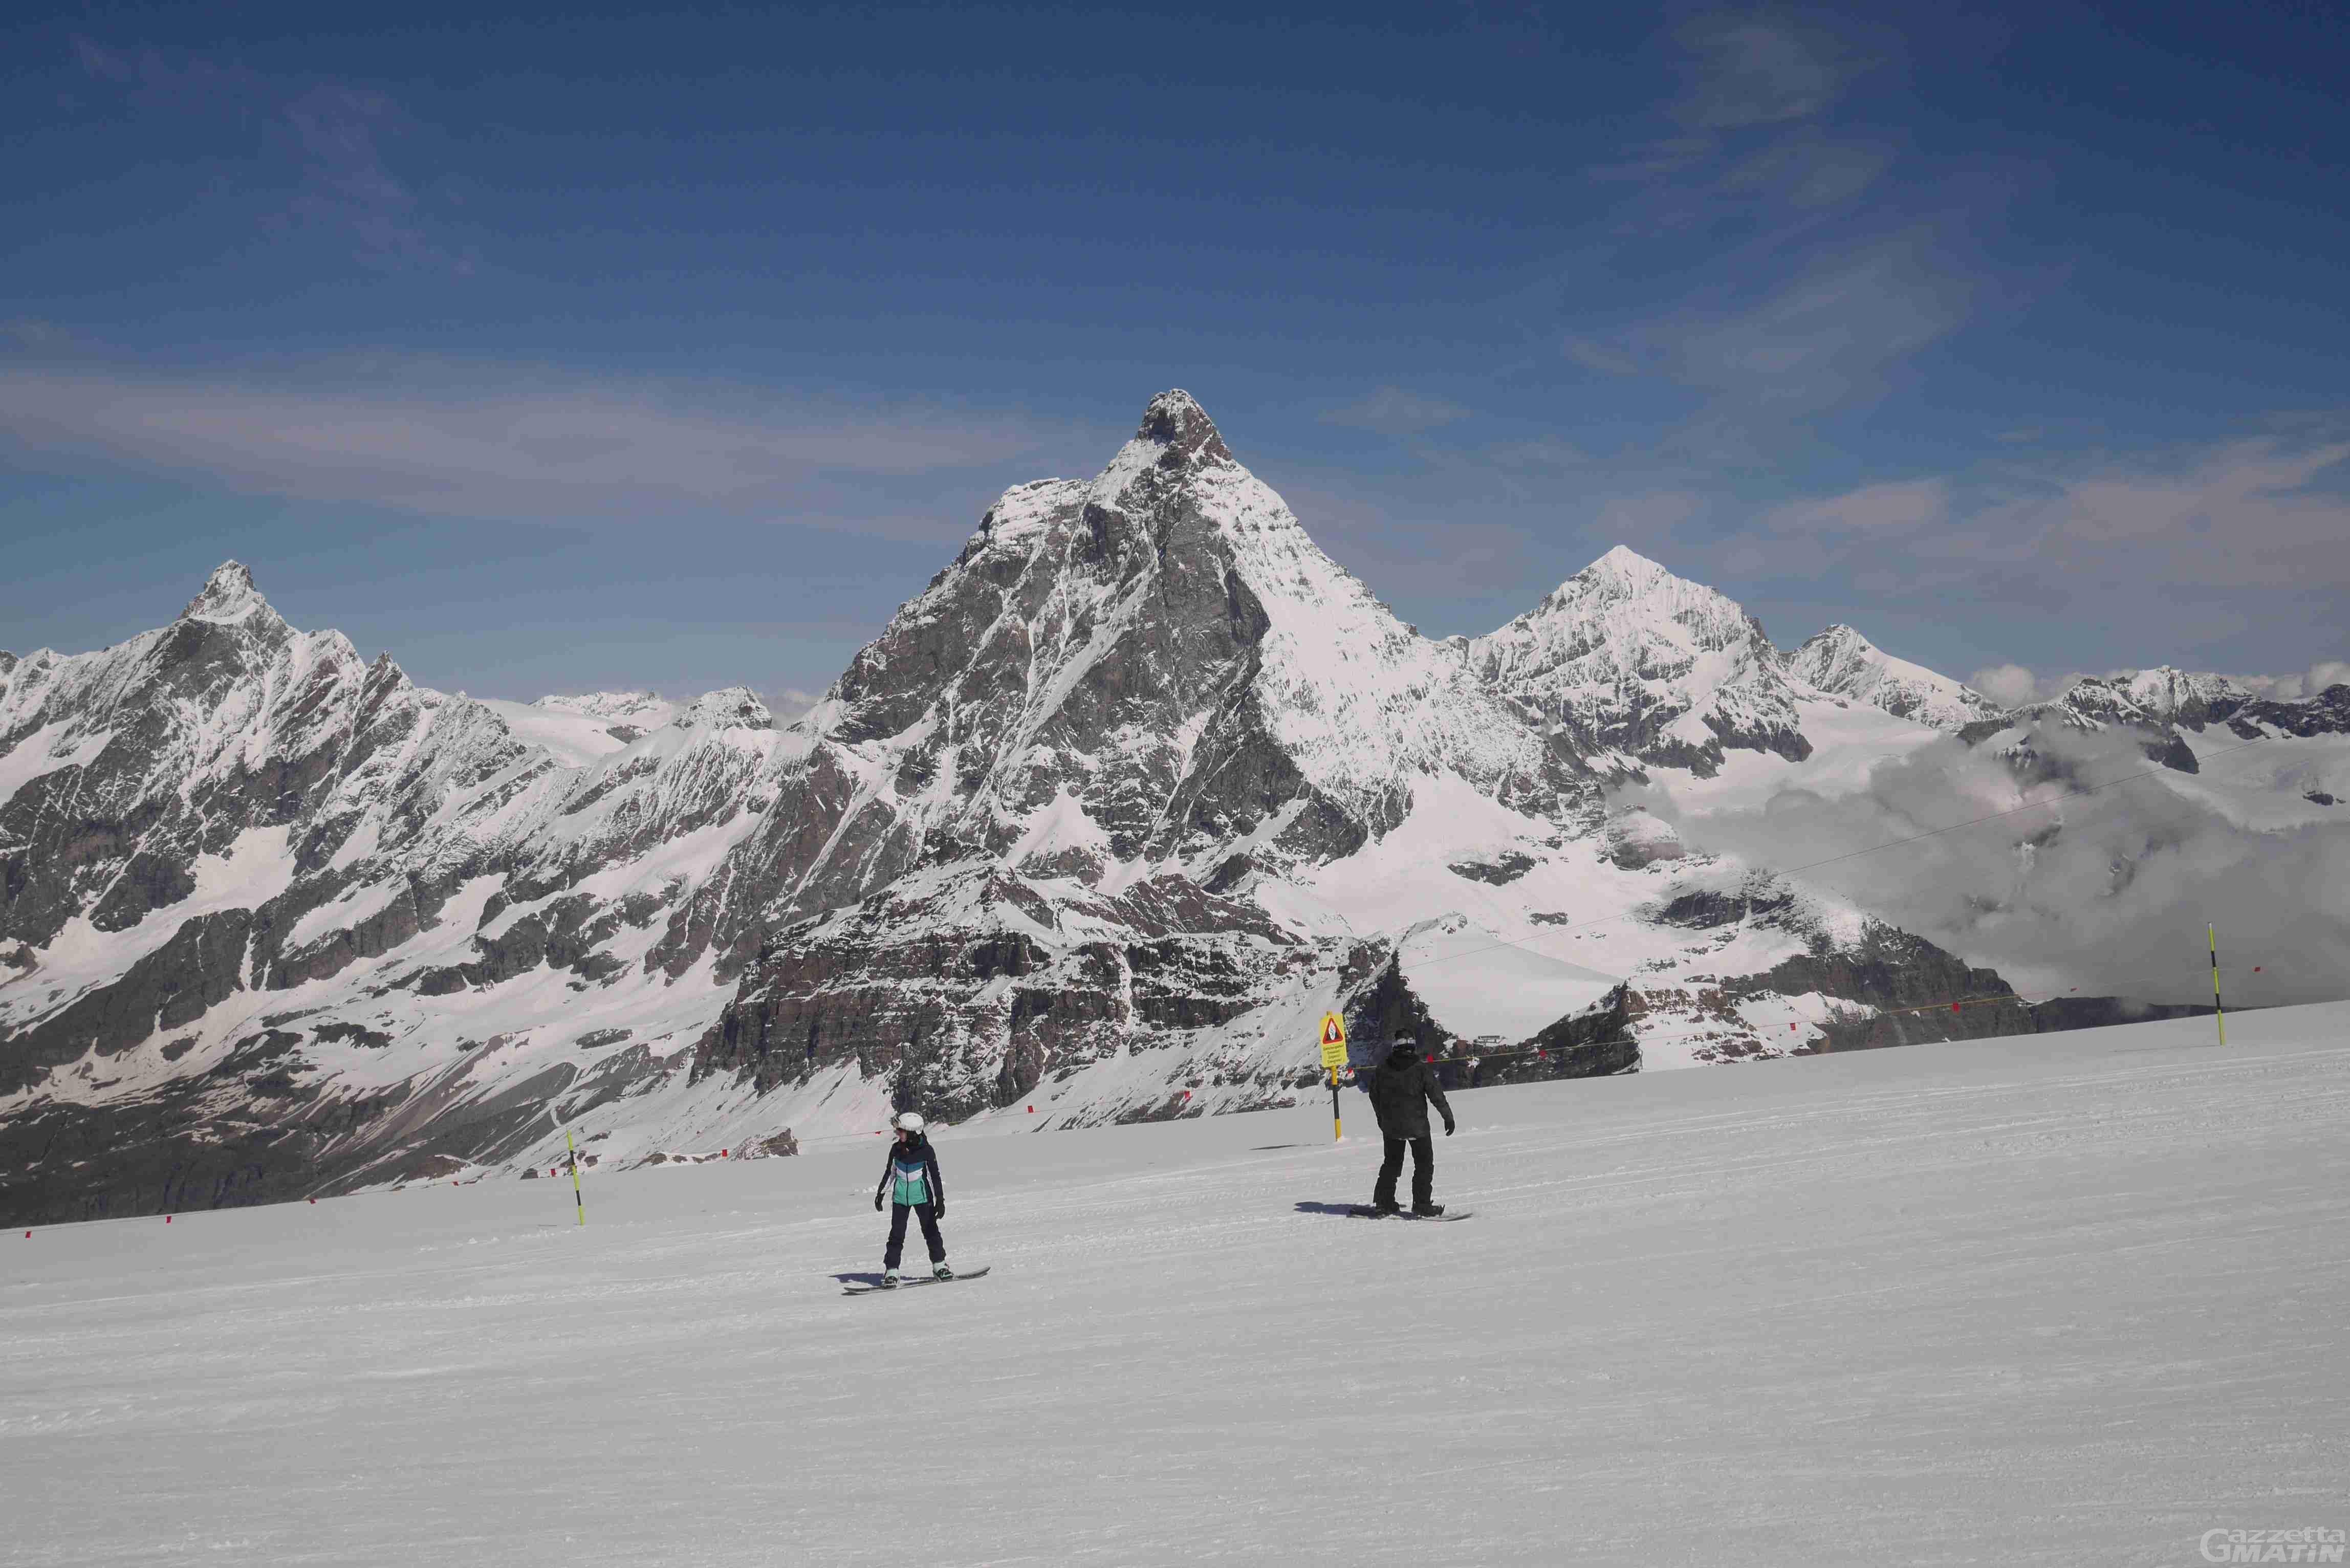 Nuovo Dpcm, impianti di risalita chiusi: senza sci muore economia Valle d'Aosta